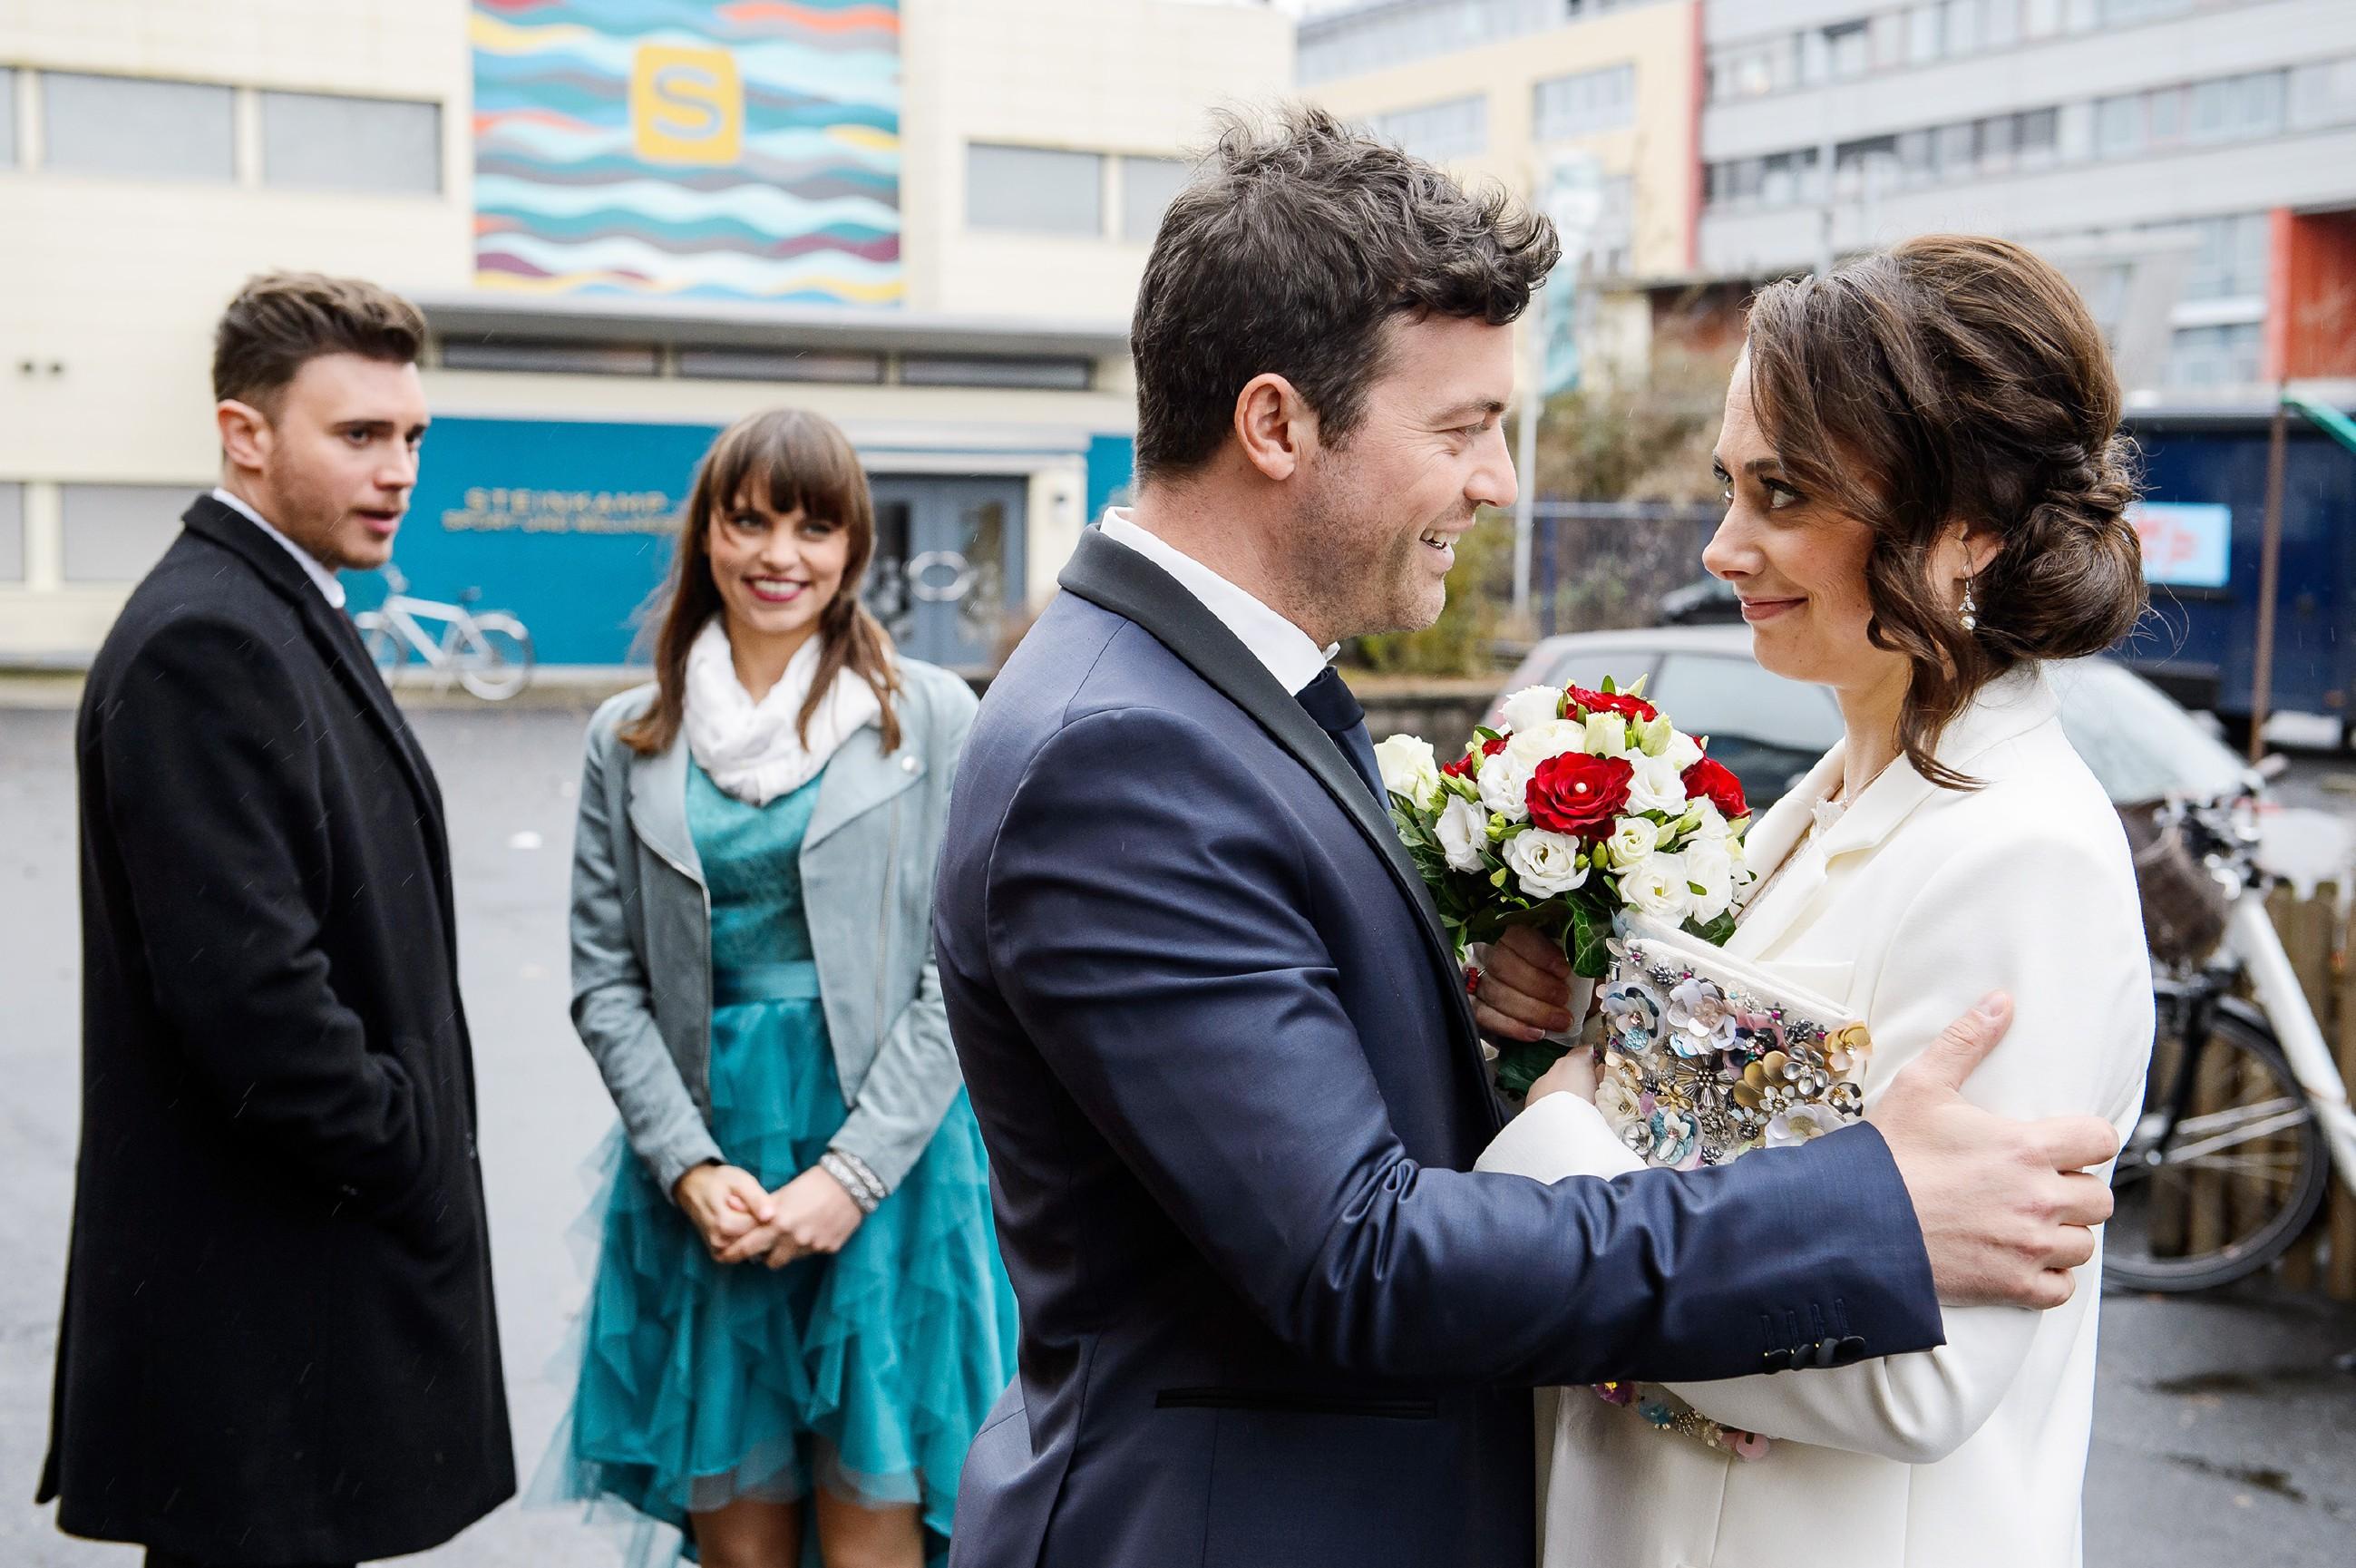 Während (v.l.) Ronny (Bela Klentze, l.) und Michelle (Franziska Benz) auf das Brautpaar warten, rührt Ben (Jörg Rohde) seine Carmen (Heike Warmuth) mit einer Überraschung. Daraufhin ist es Carmen unmöglich, ihm länger etwas vorzumachen... (Quelle: RTL / Willi Weber)